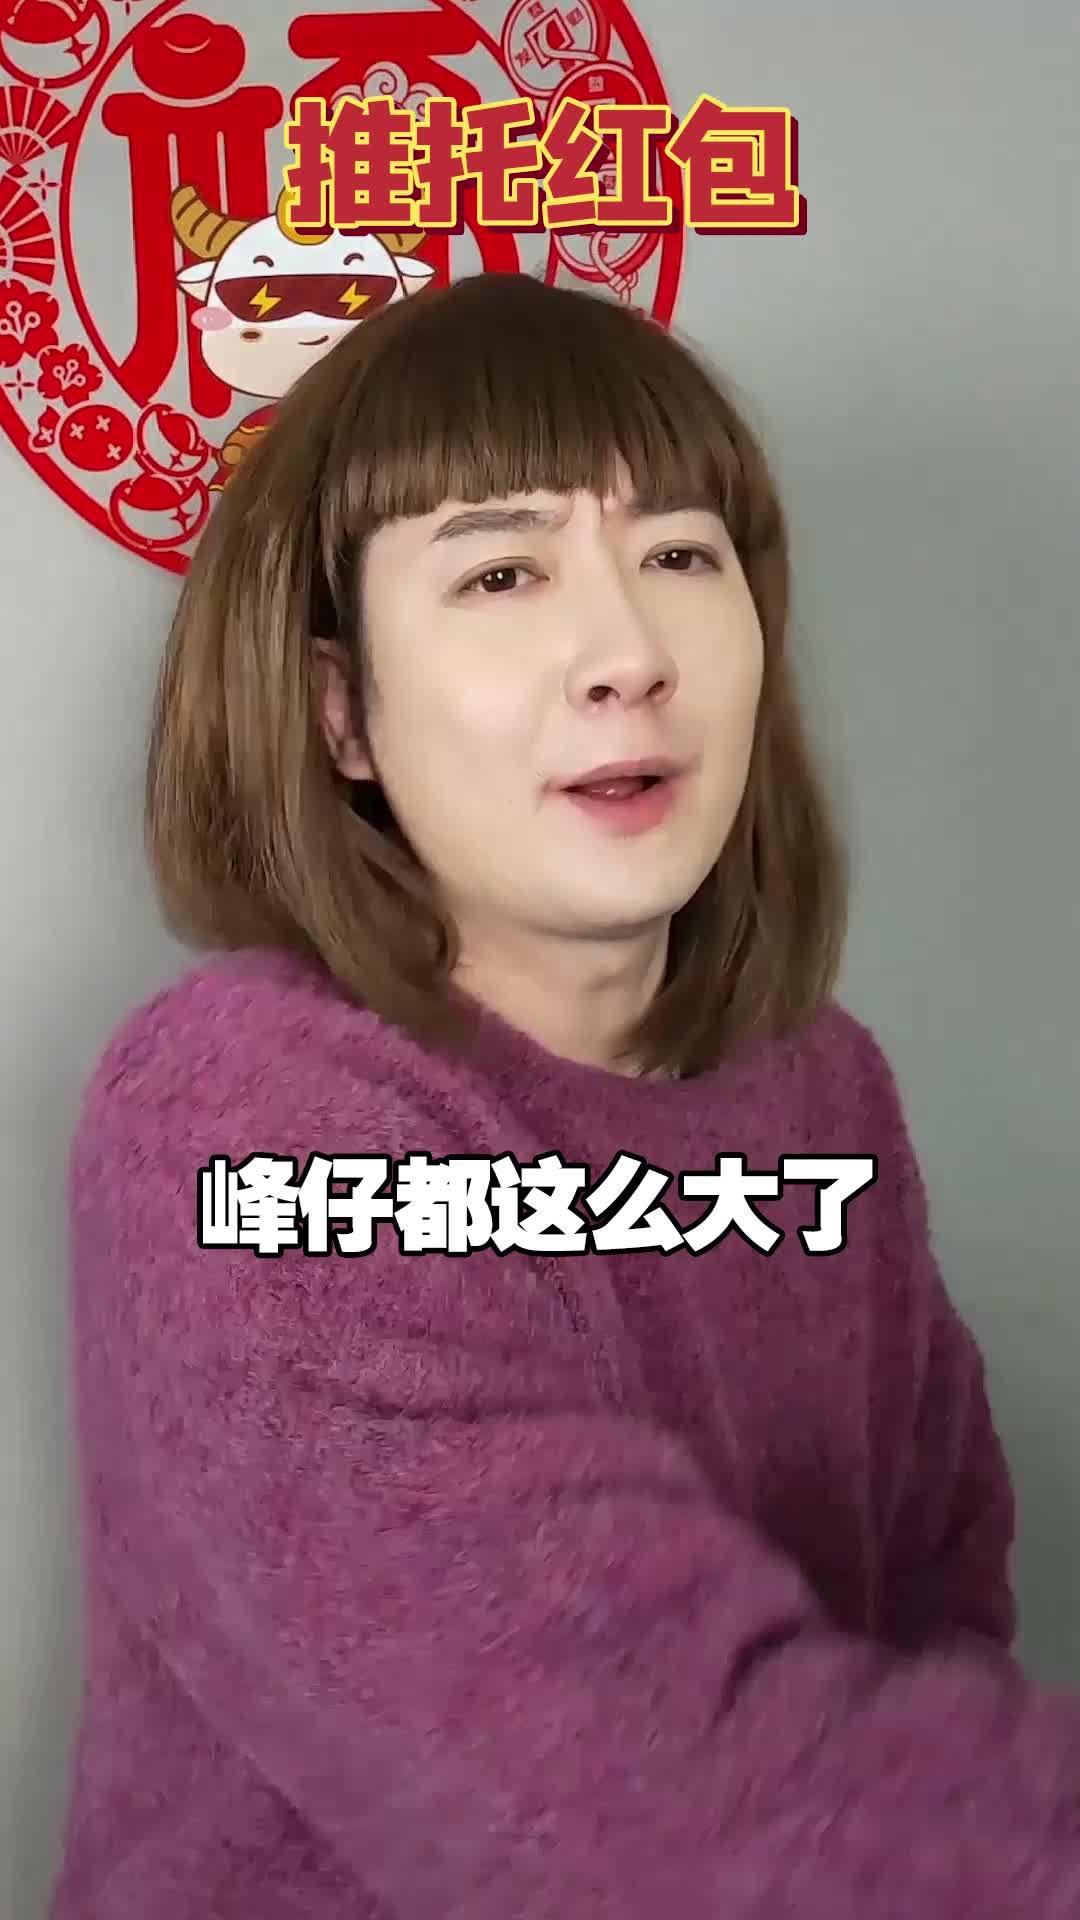 广东长辈过年的迷惑行为大赏!